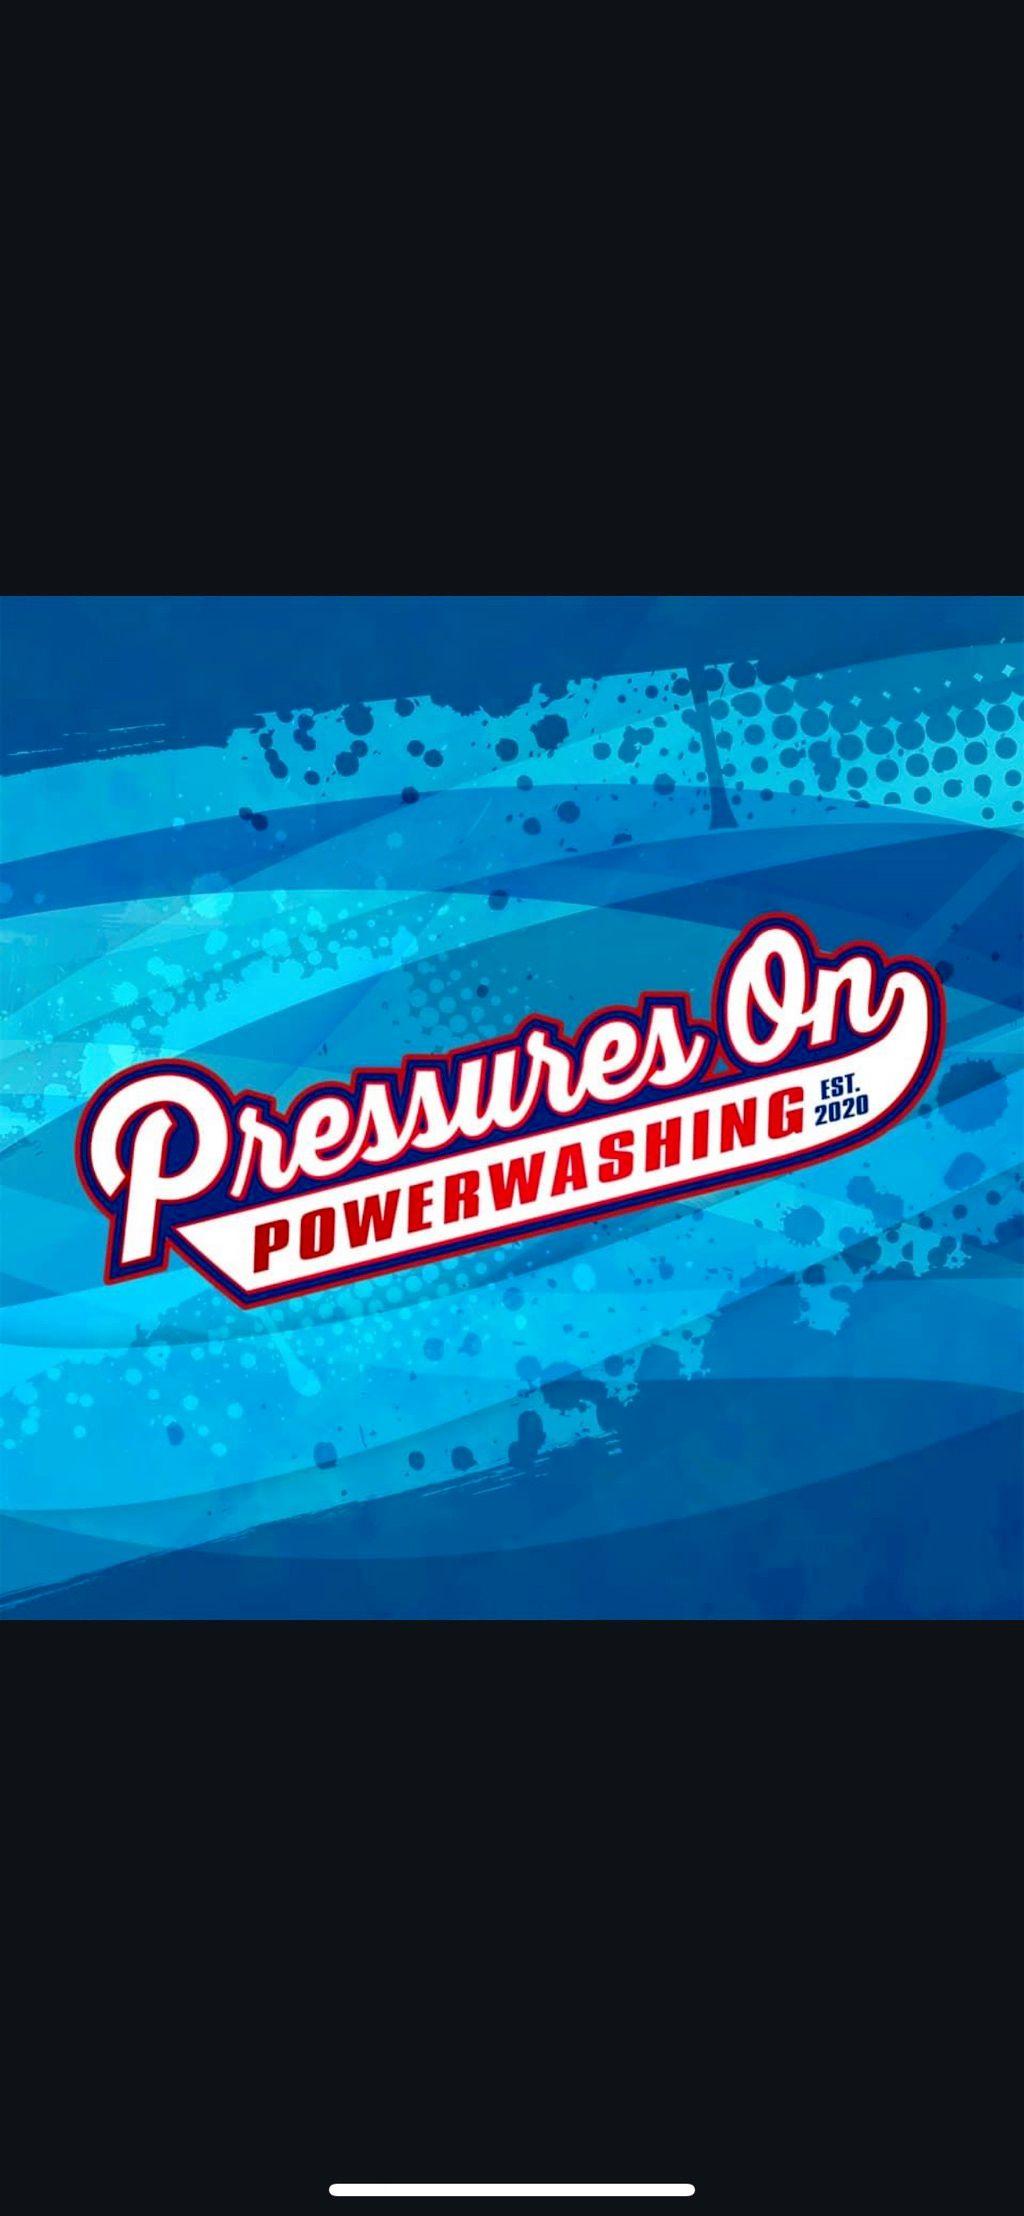 Pressures On Powerwashing LLC